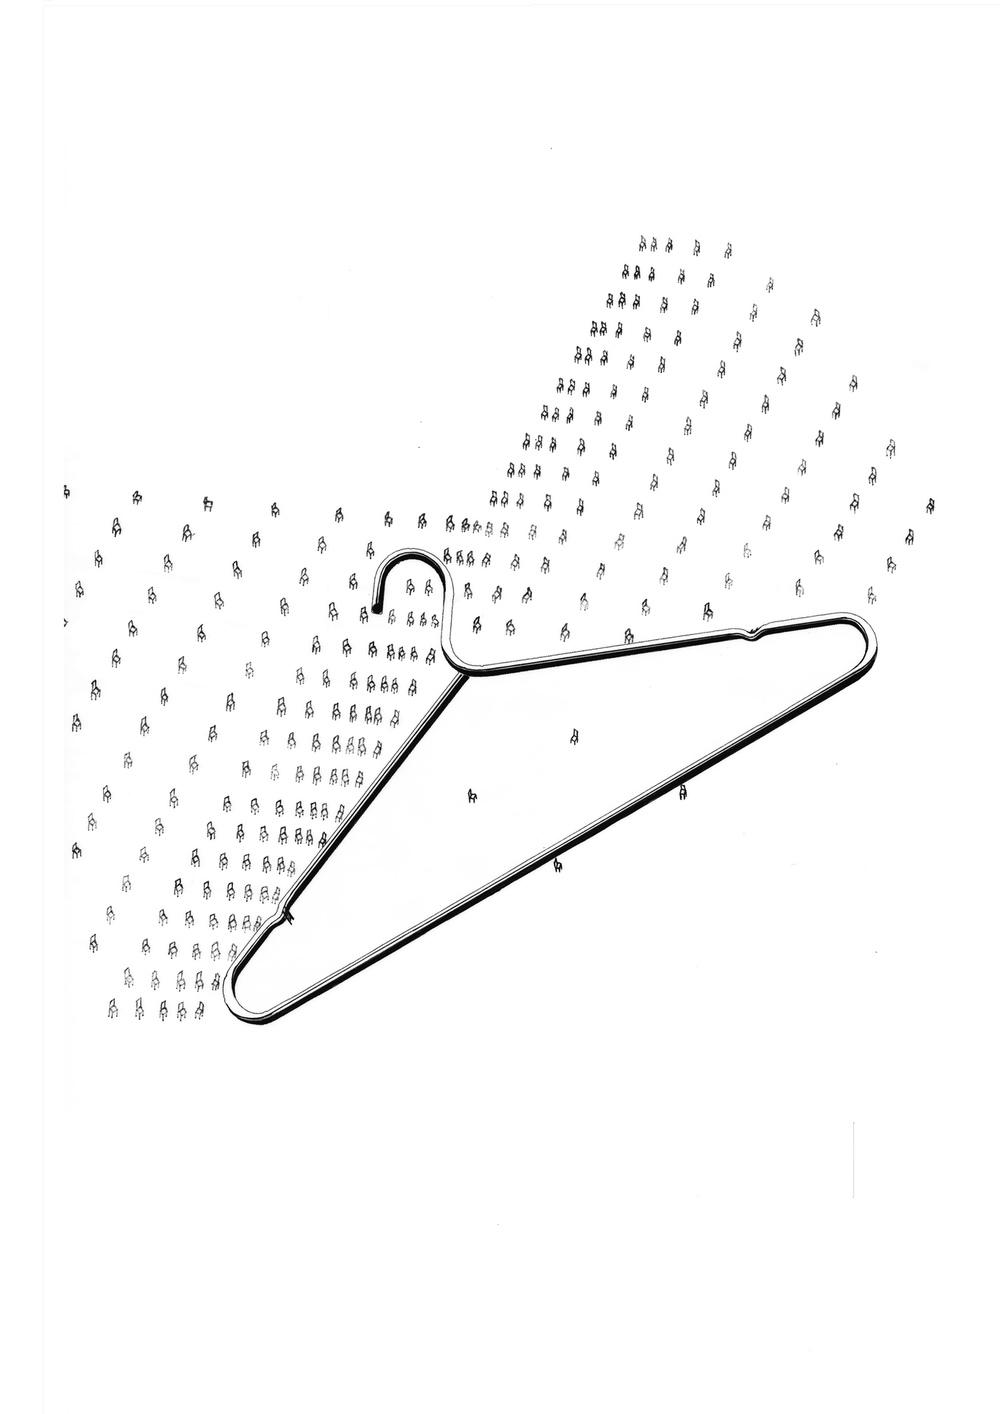 Thomas Fournials - Qualités Spatiales